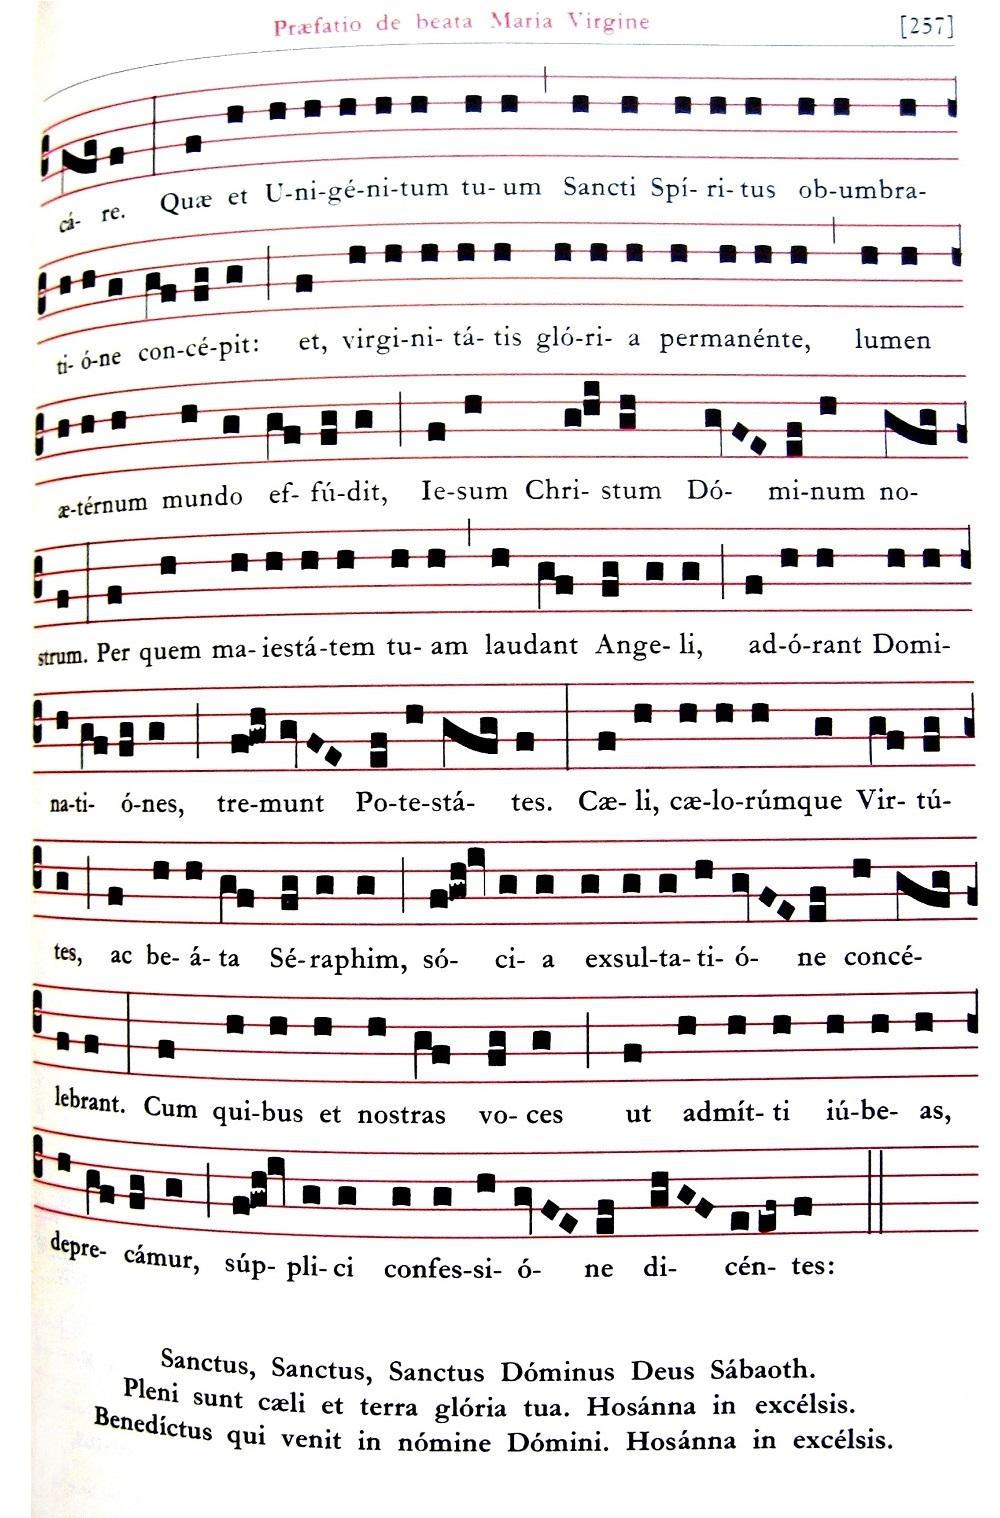 Praefatio de Beata Maria Virgine - Praefatio in tono solemniori